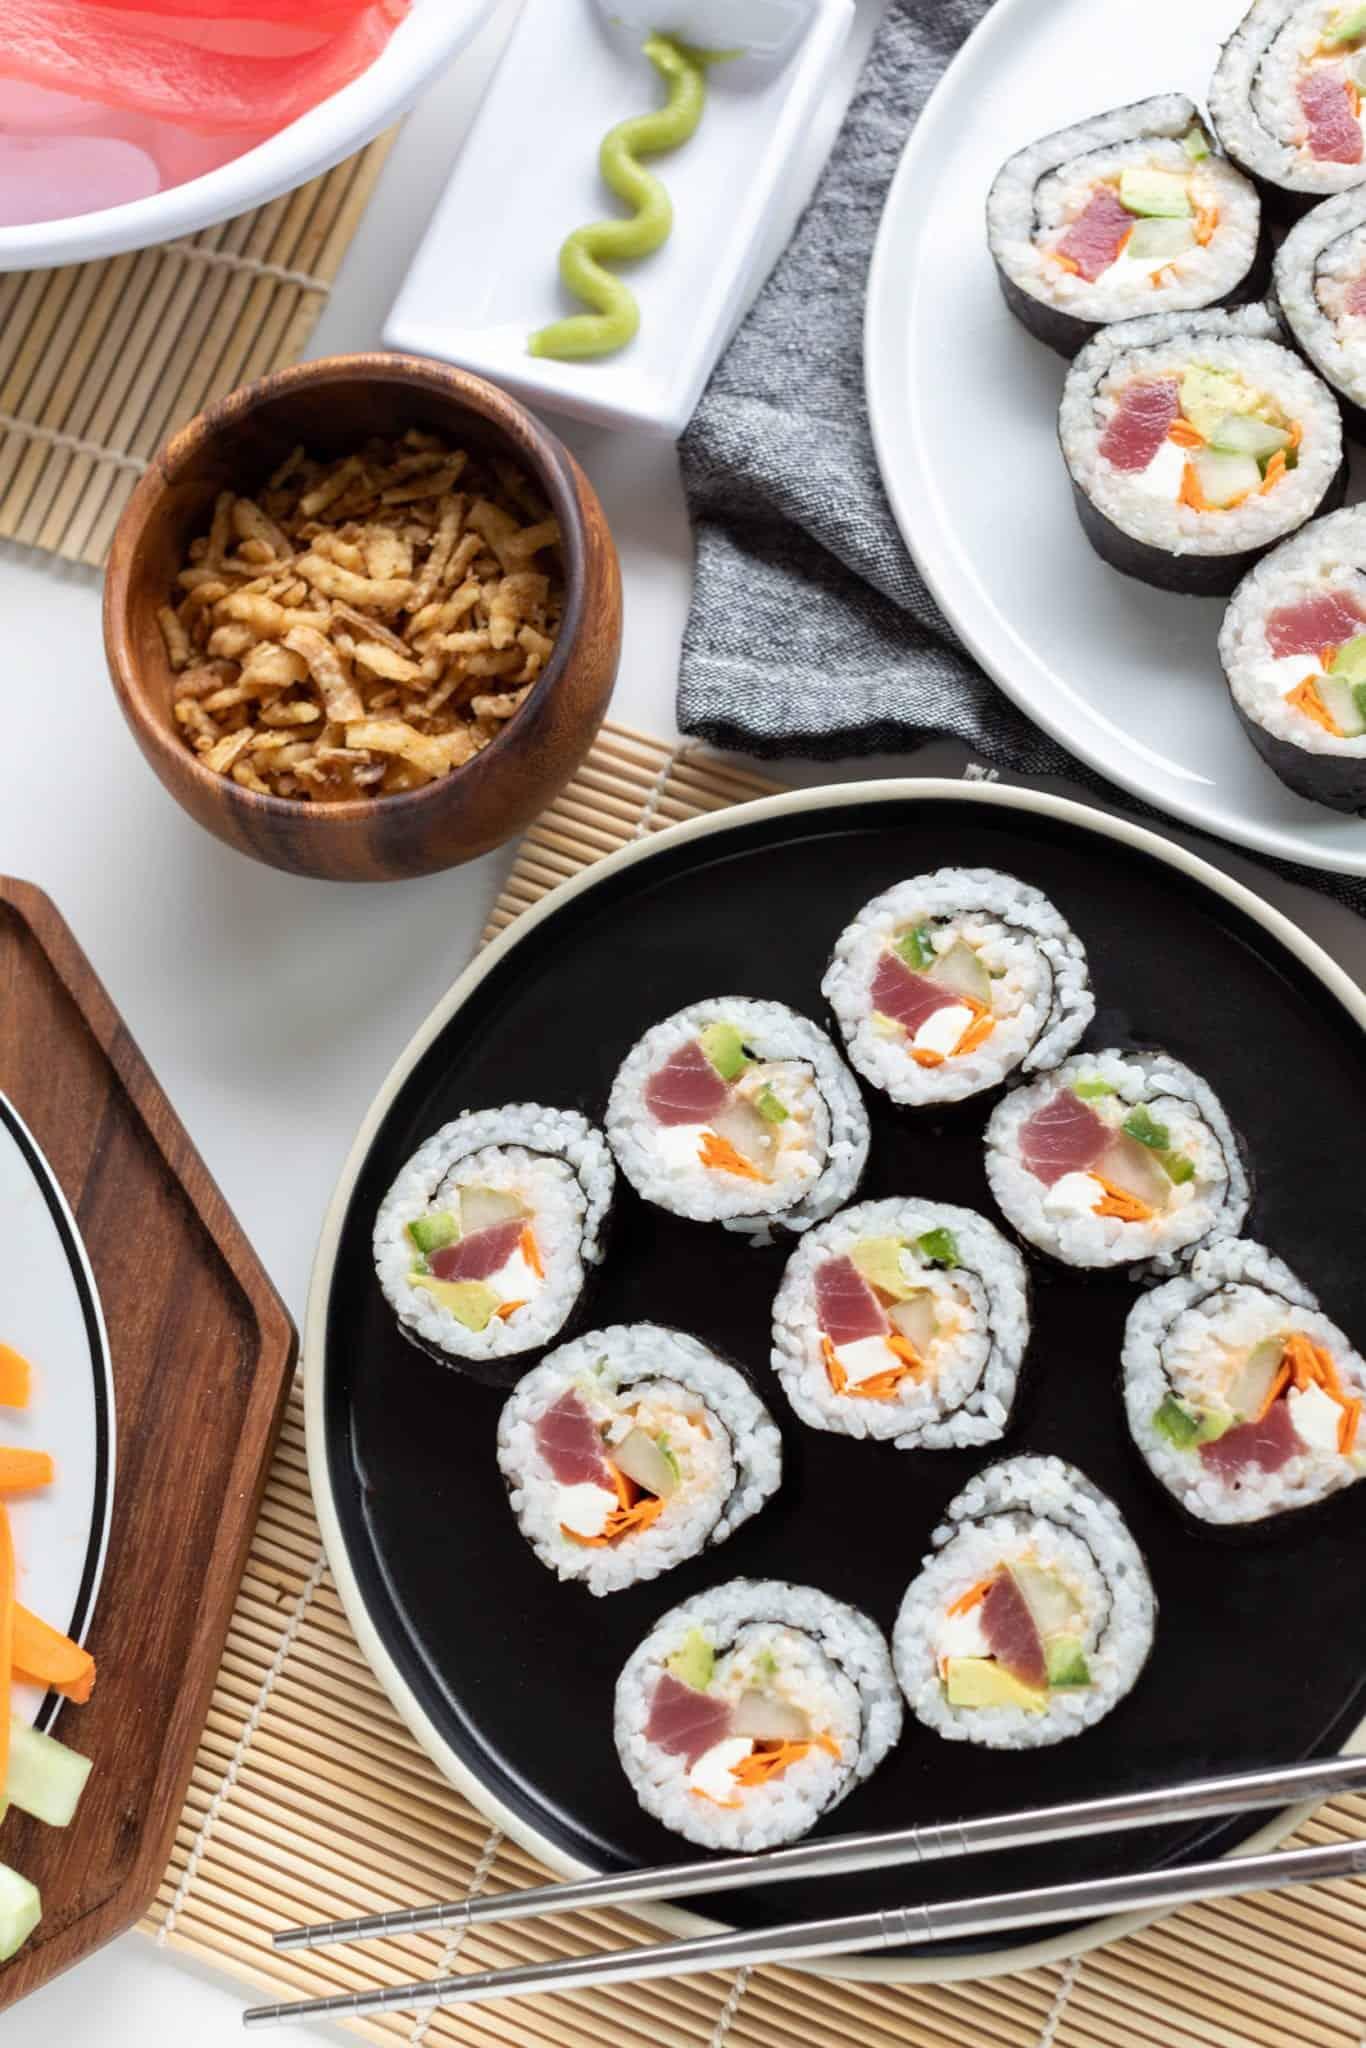 Spicy Tuna Roll #sushi #spicytunamaki #sushirecipe #spicytuna #sushirollrecipes #spicytunamaki #crunchyspicytunaroll